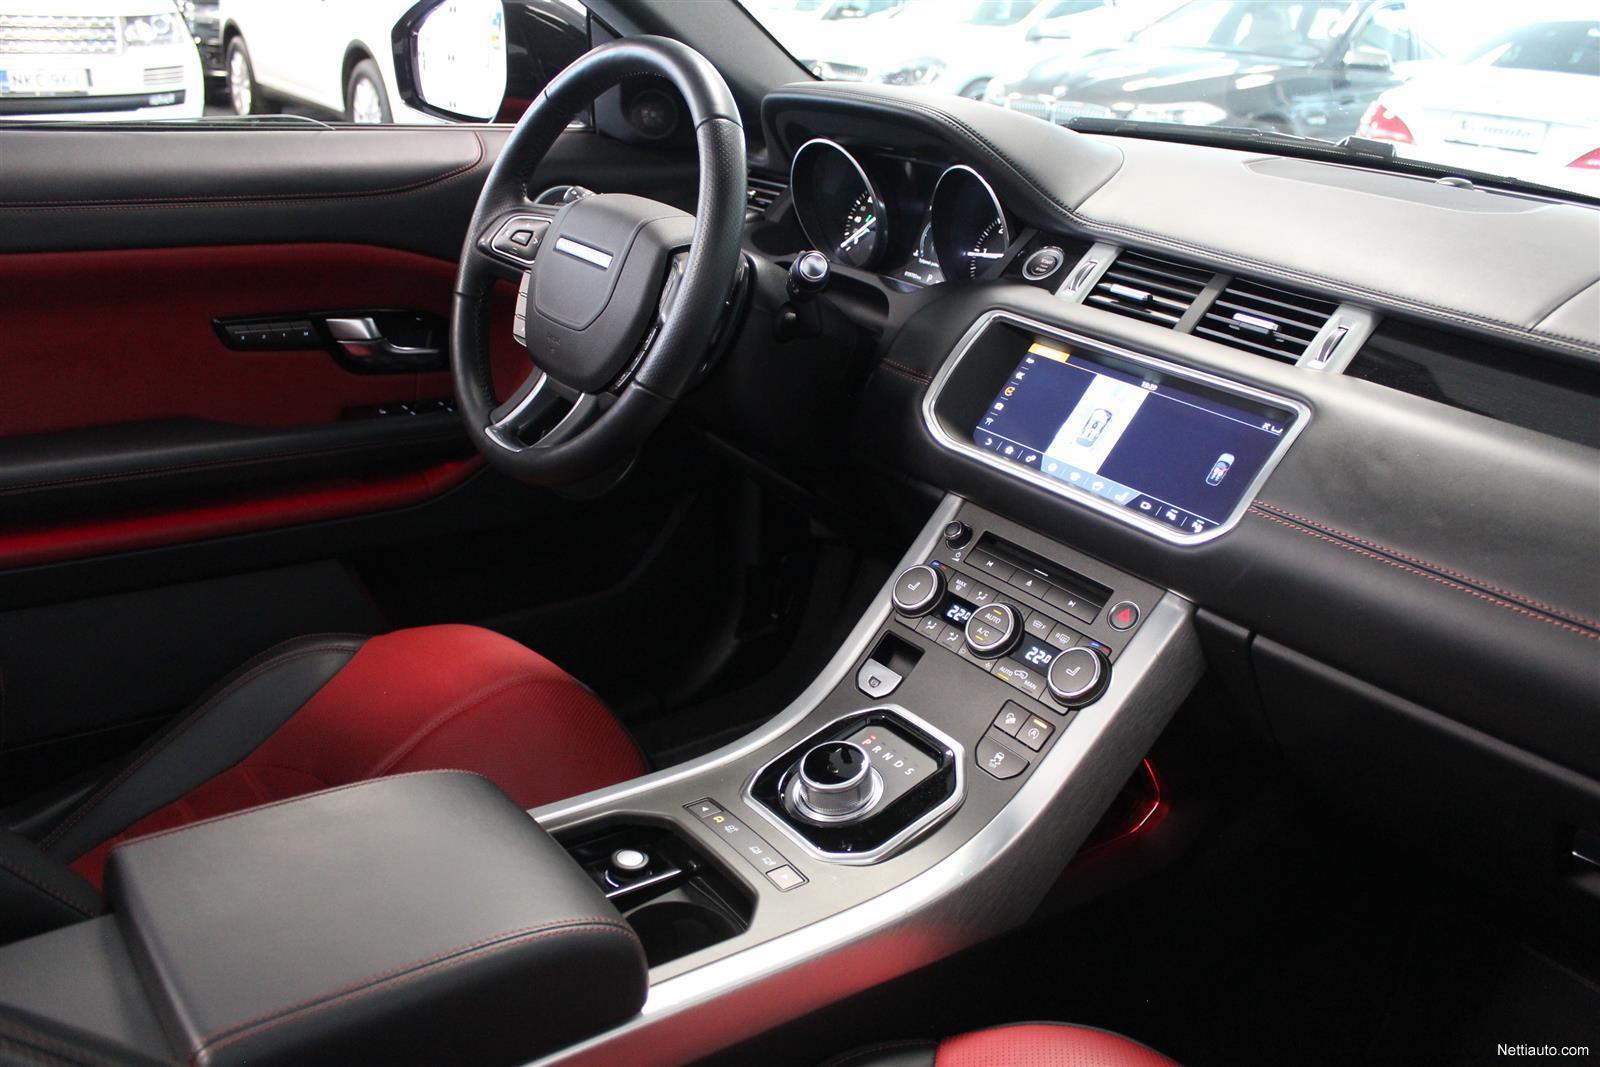 Land Rover Range Rover Evoque Convertible 2 0 Td4 180 Hse